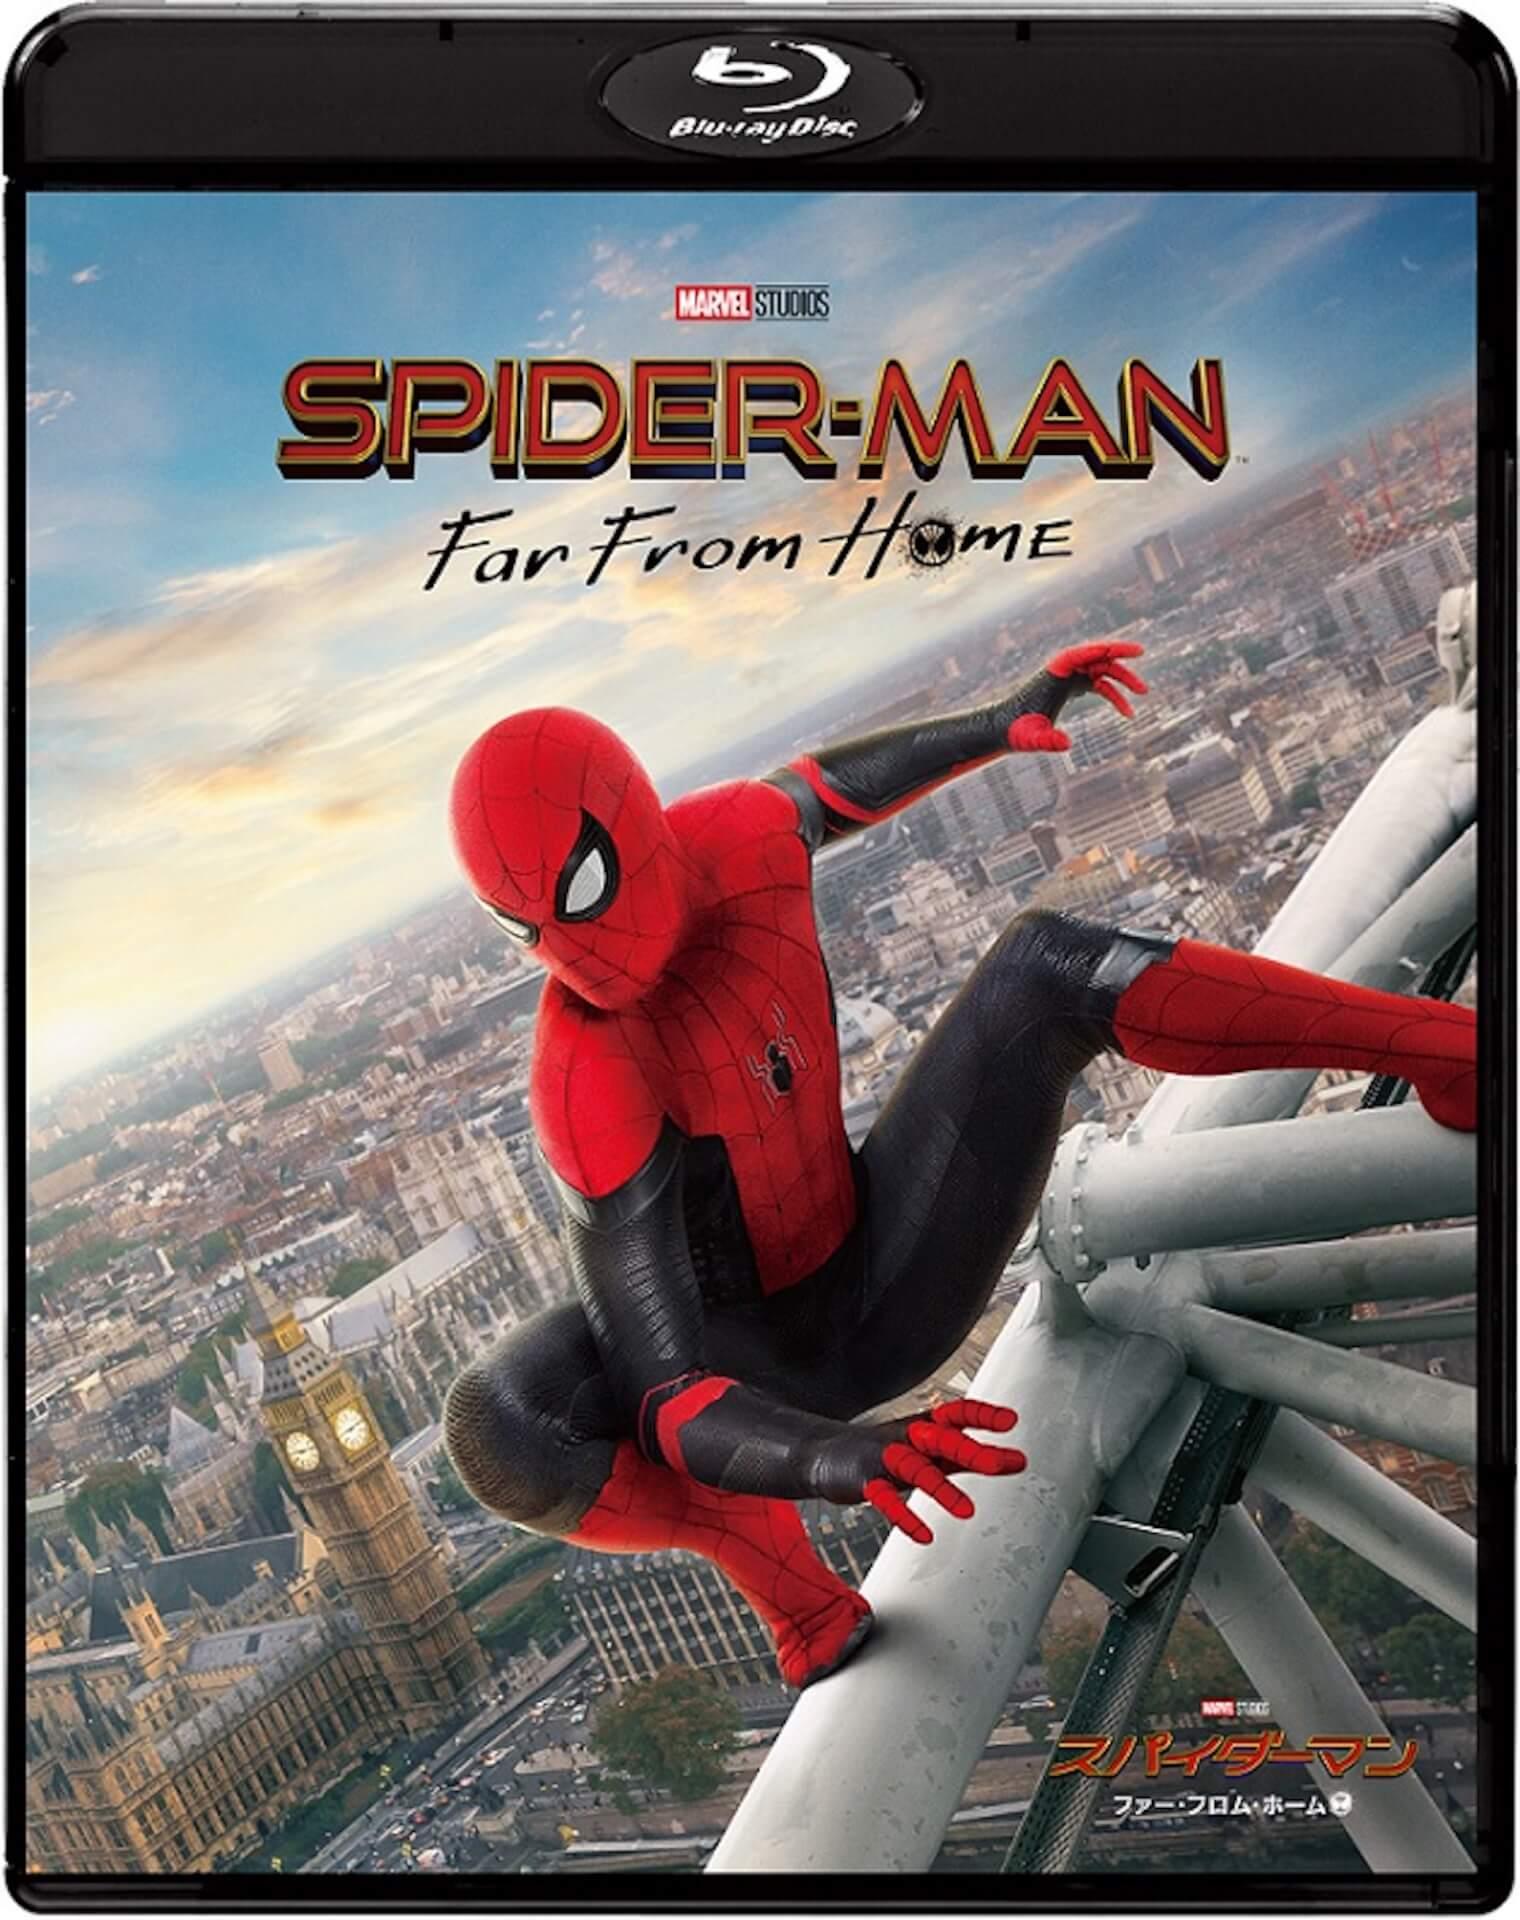 『スパイダーマン:ファー・フロム・ホーム』に隠されたイースター・エッグとは!?トムホがロバート・ダウニー Jr.についても語る特別映像解禁 video191203_sffh_1